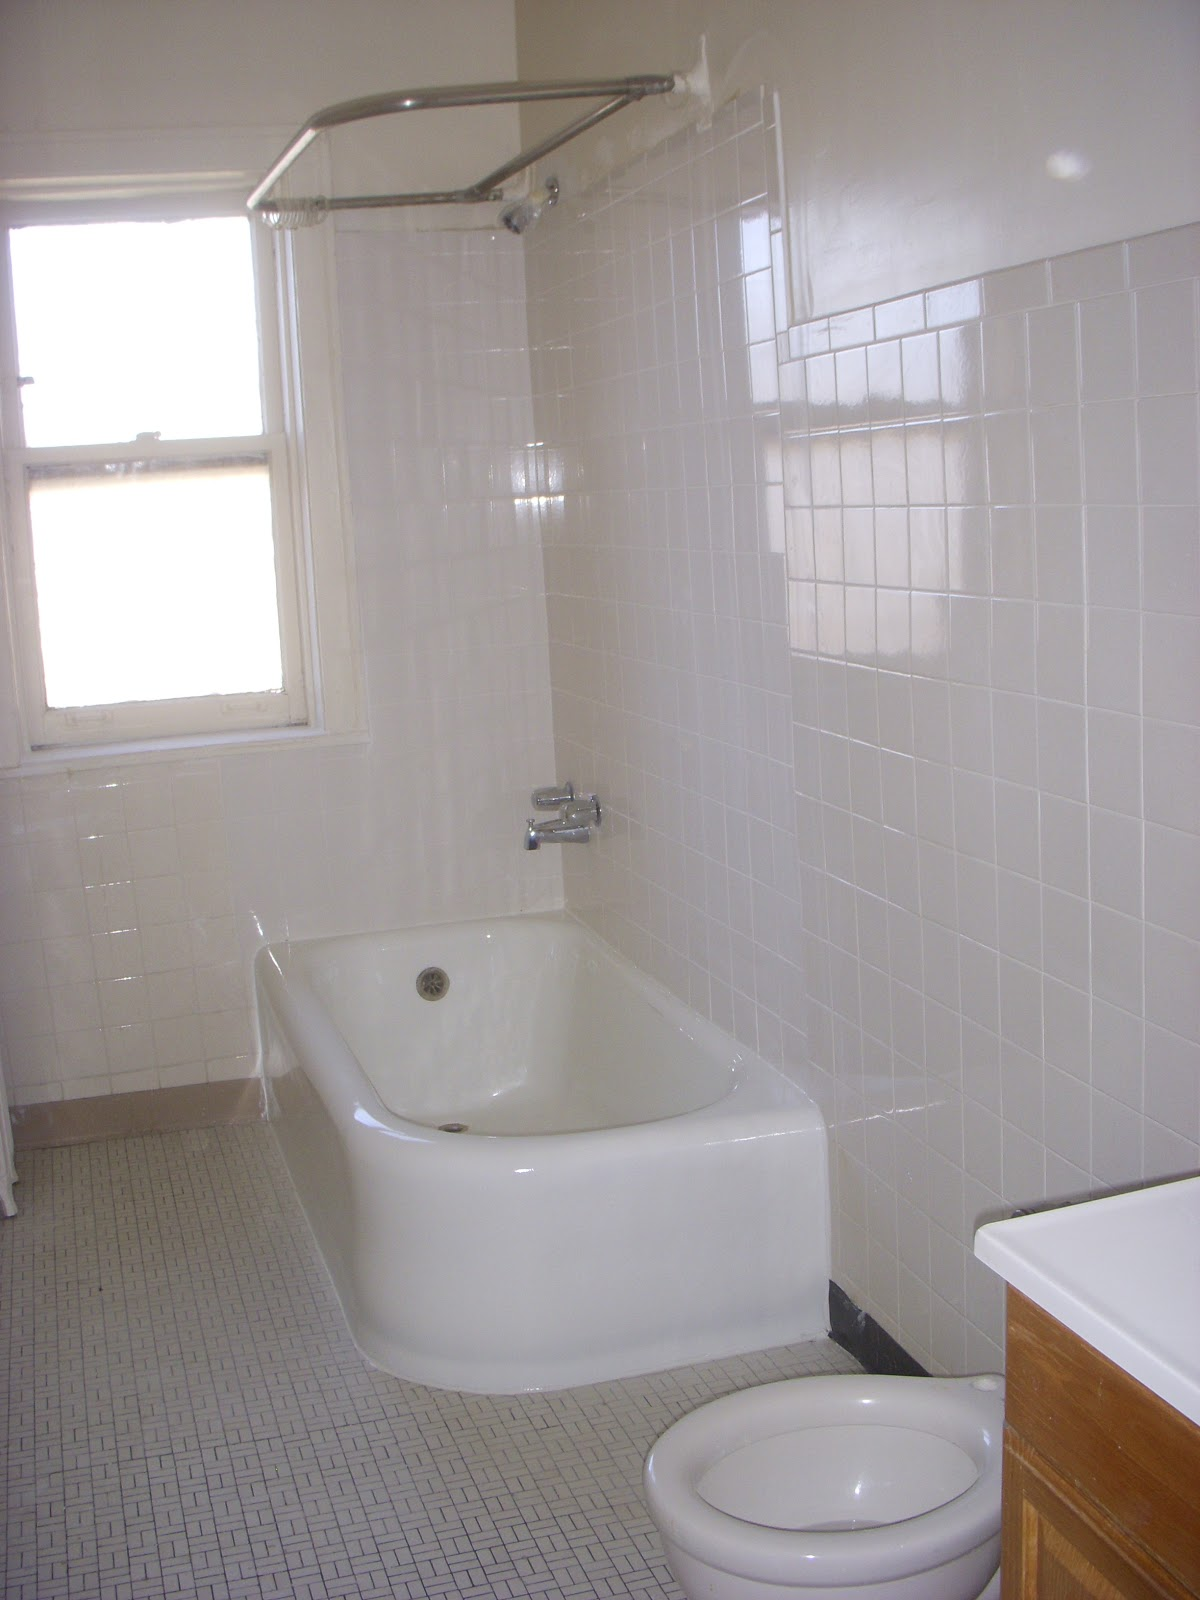 aqui sempre tem banheira com chuveiro super raro encontrar chuveiro  #67452A 1200x1600 Banheiro Adaptado Com Chuveiro